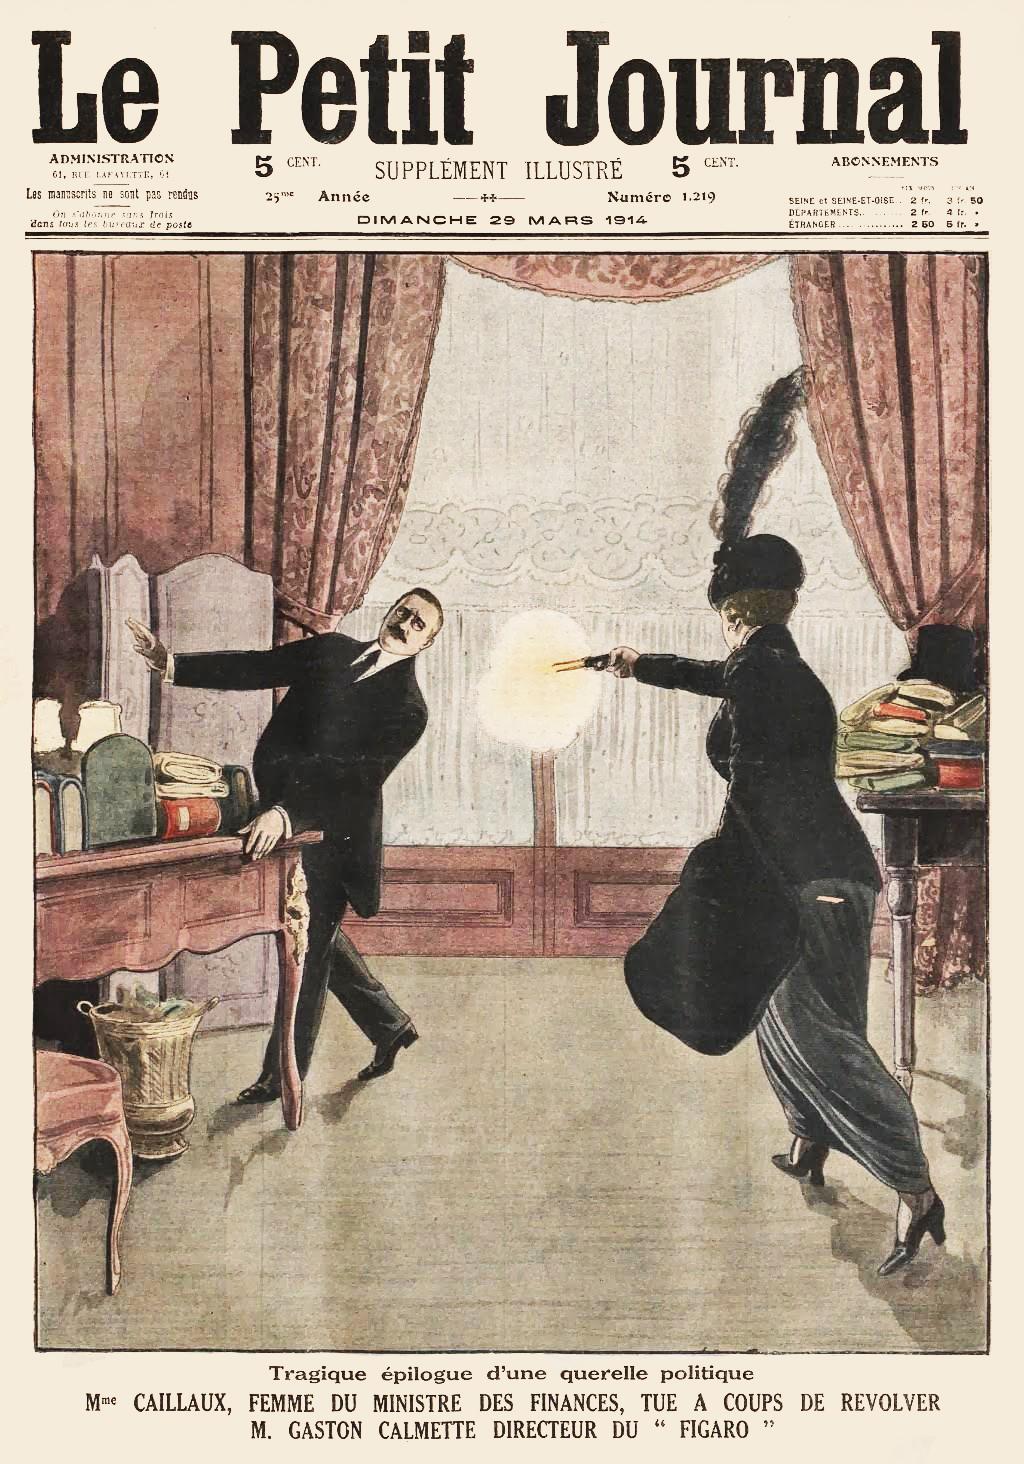 Minh hoạ trang nhất của tờ Le Petit Journal về vụ án mạng giữa phu nhân Henriette và Tổng biên tập nhật báo Le Figaro. Ảnh: Bibliothèque Nationale de France